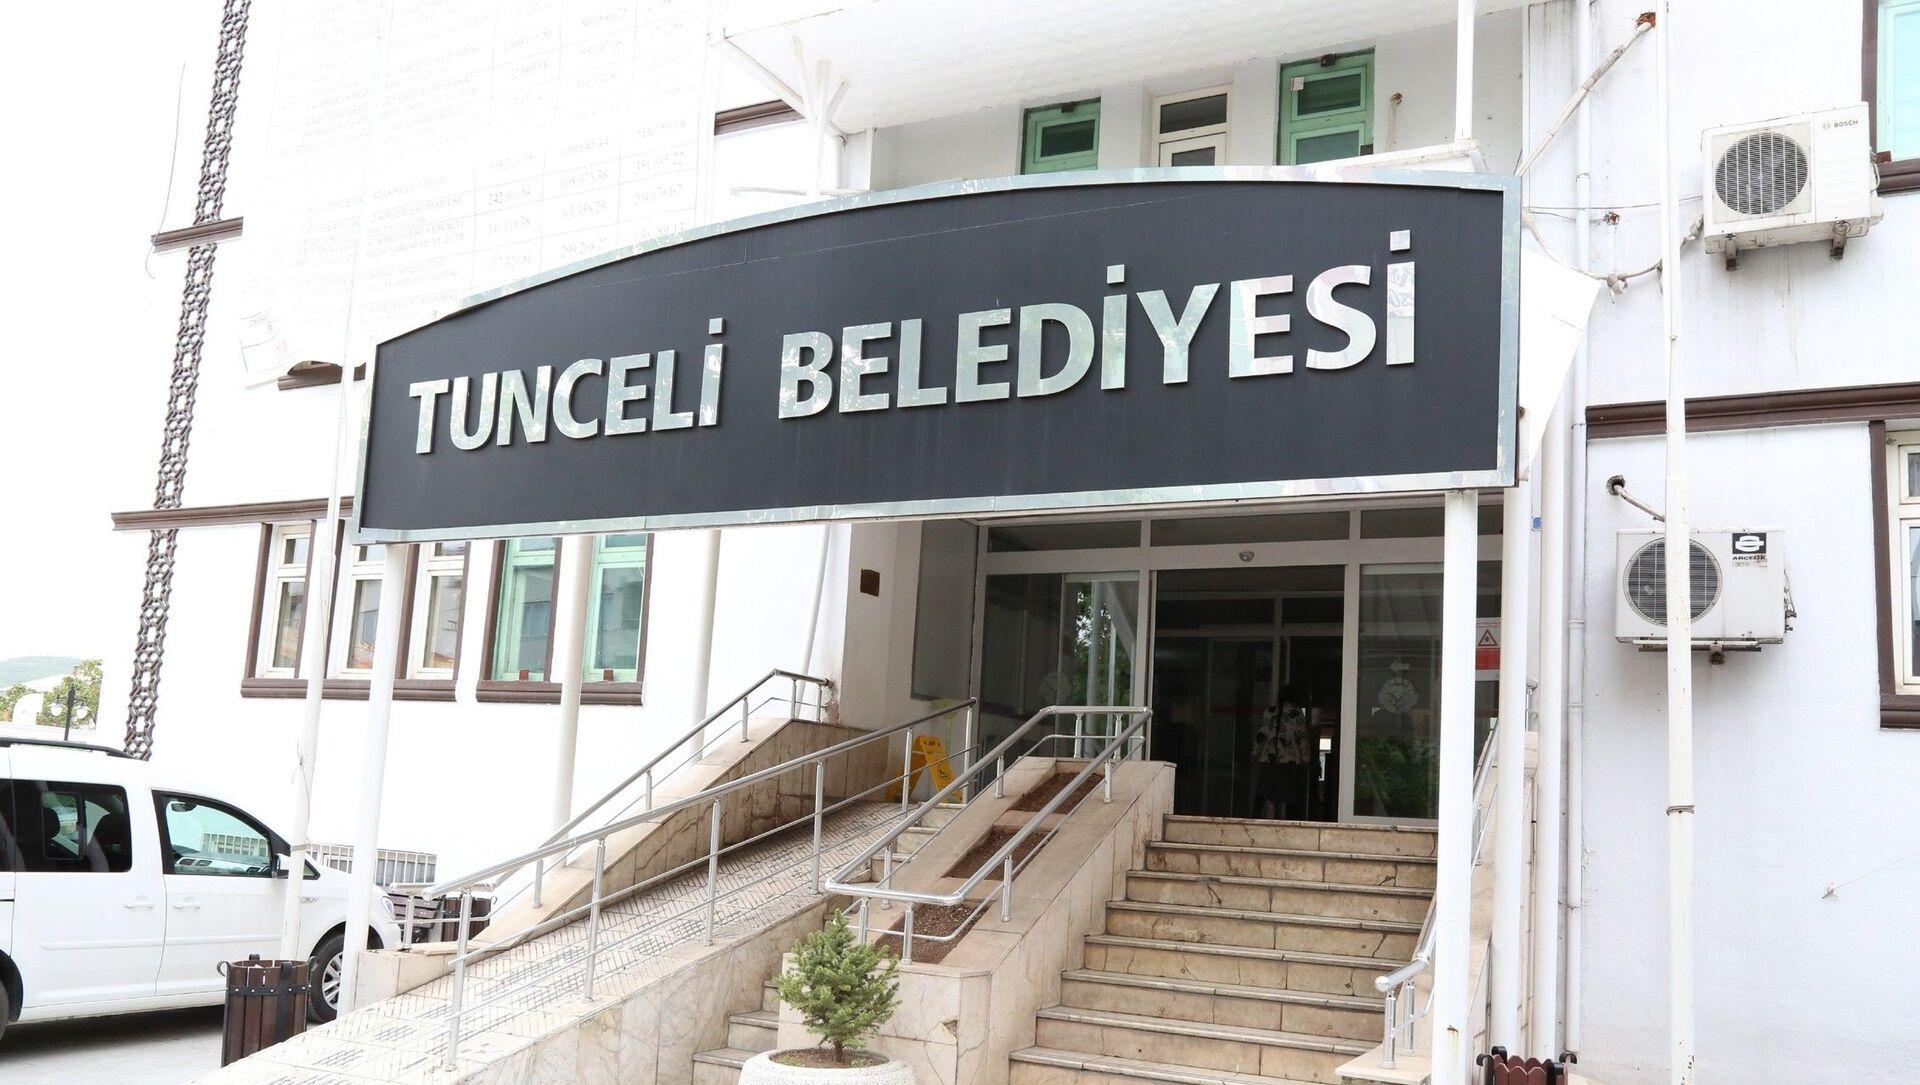 Tunceli Belediyesi - Sputnik Türkiye, 1920, 28.06.2021